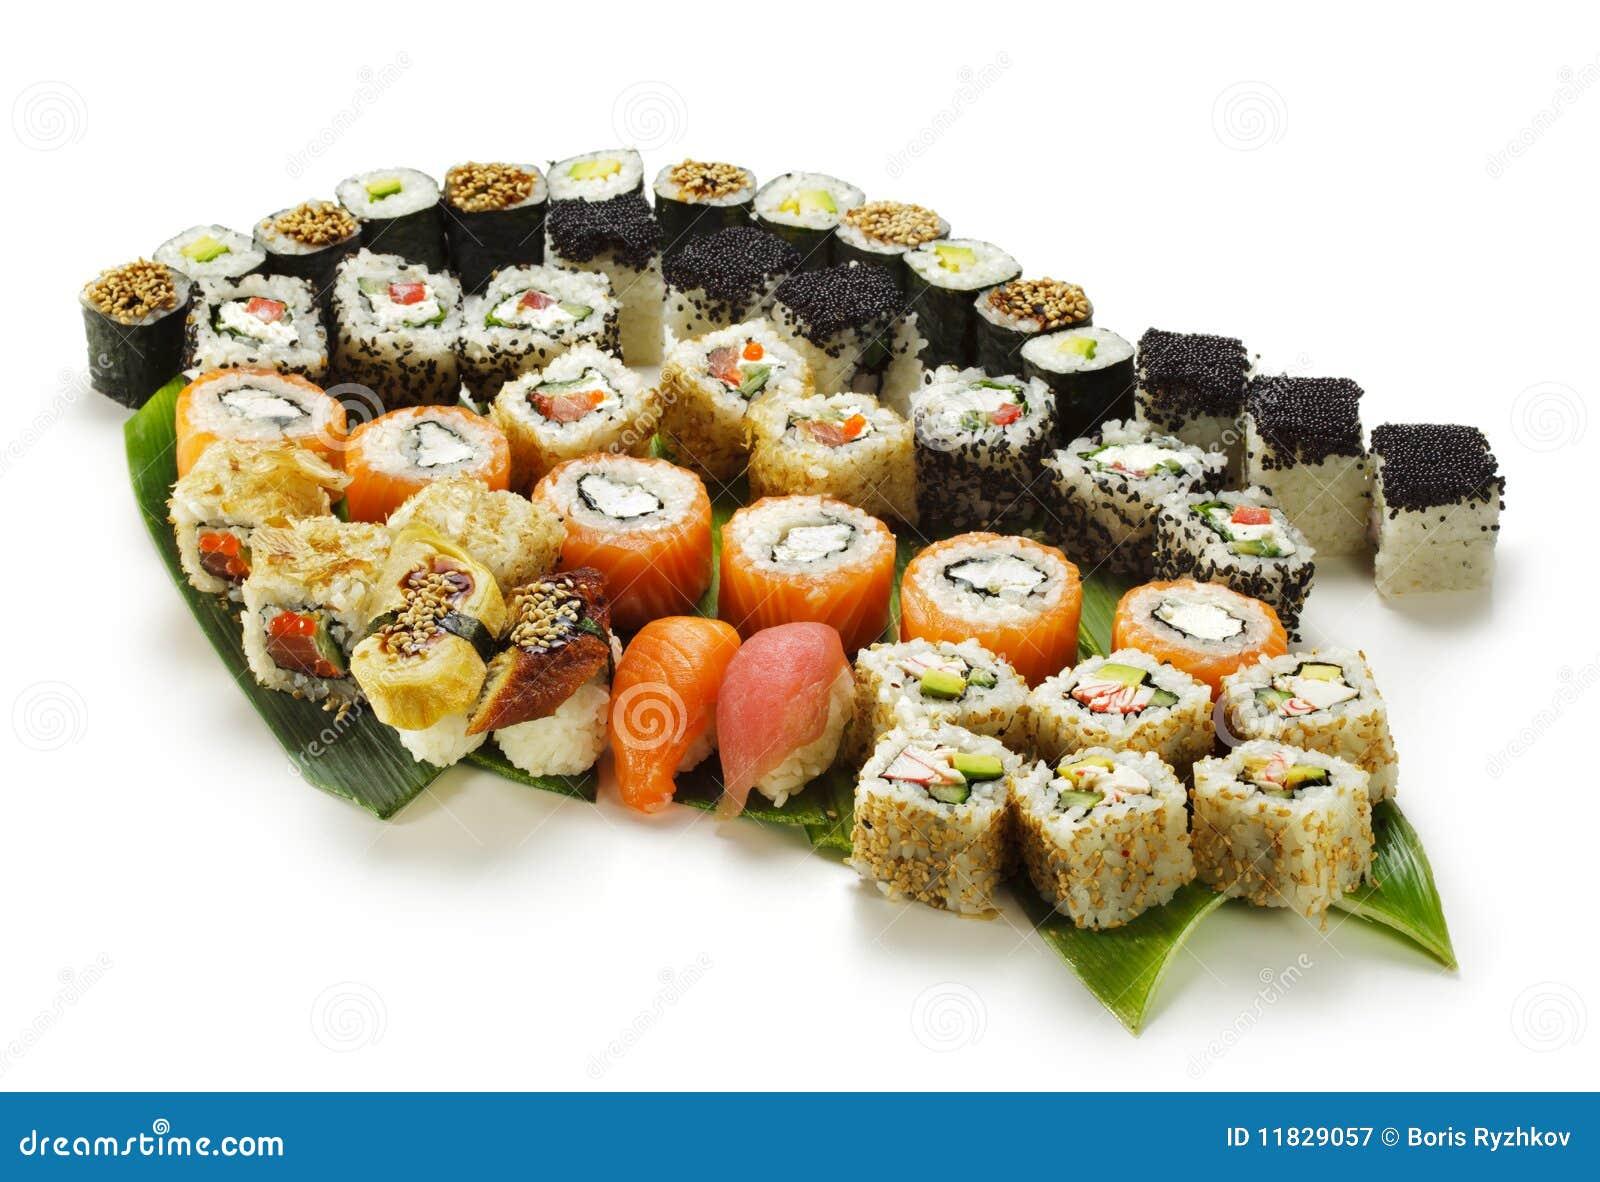 суши-сет картинки